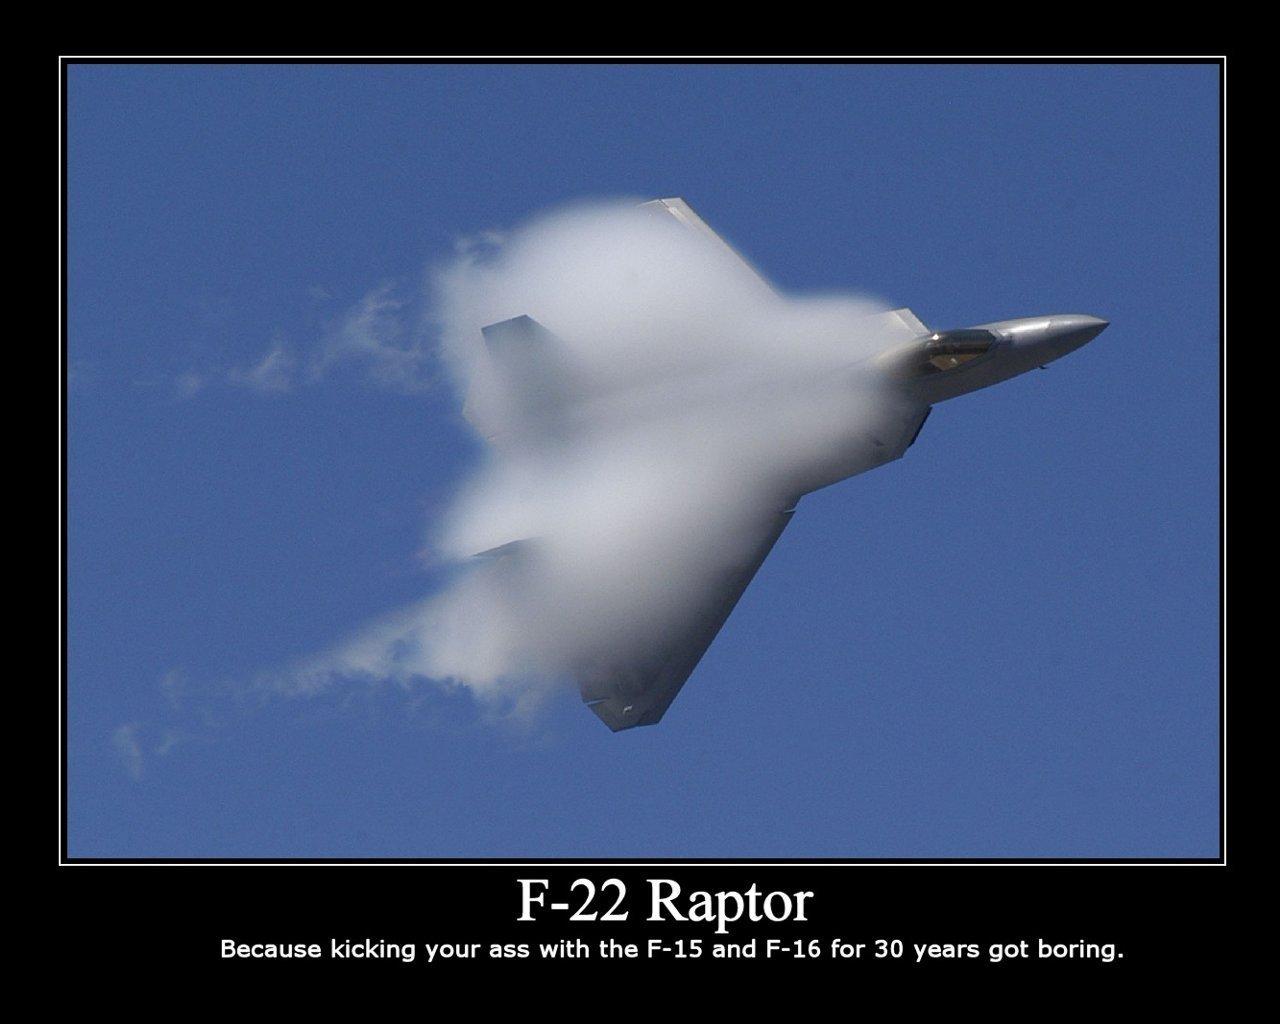 Скачать обои ф22, раптор, самолет, небо бесплатно для рабочего стола в разр